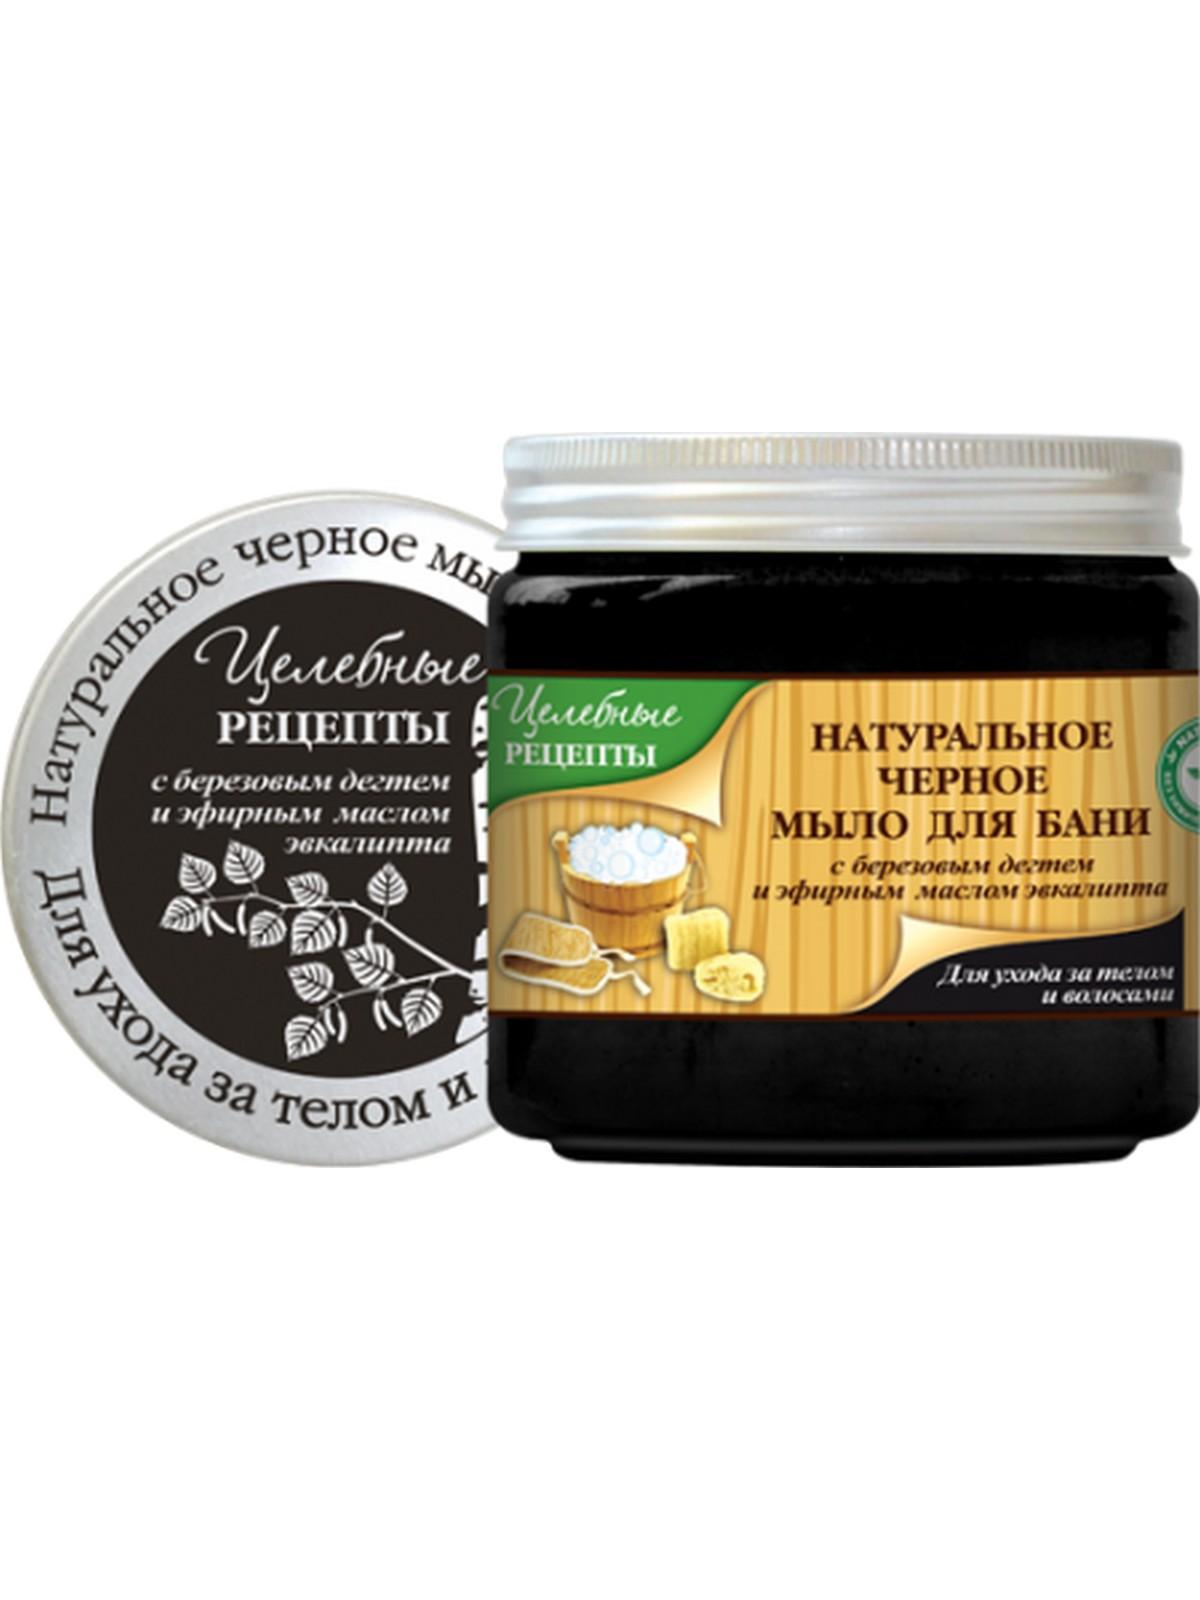 Целебные рецепты Натуральное Черное мыло для бани для ухода за телом и волосами 500 мл.215-031-93417Важные ингредиенты натурального черного мыла для бани деготь и эфирное масло эвкалипта. Особо о дегте. В нем свыше 10 тысяч полезных веществ. Органические кислоты, фитонциды и смолистые вещества. Он является природным антисептиком, обладает противовоспалительным и противогрибковым действием, помогает коже регенерироваться, усиливает кровообращение и оказывает на нее омолаживающее действие, стимулирует рост волос. В обязанность эфирного масла эвкалипта входит улучшение микроциркуляции крови кожи головы и активизация роста волос, оказание дезинфицирующего действия, снятие зуда и воспаления кожного покрова.